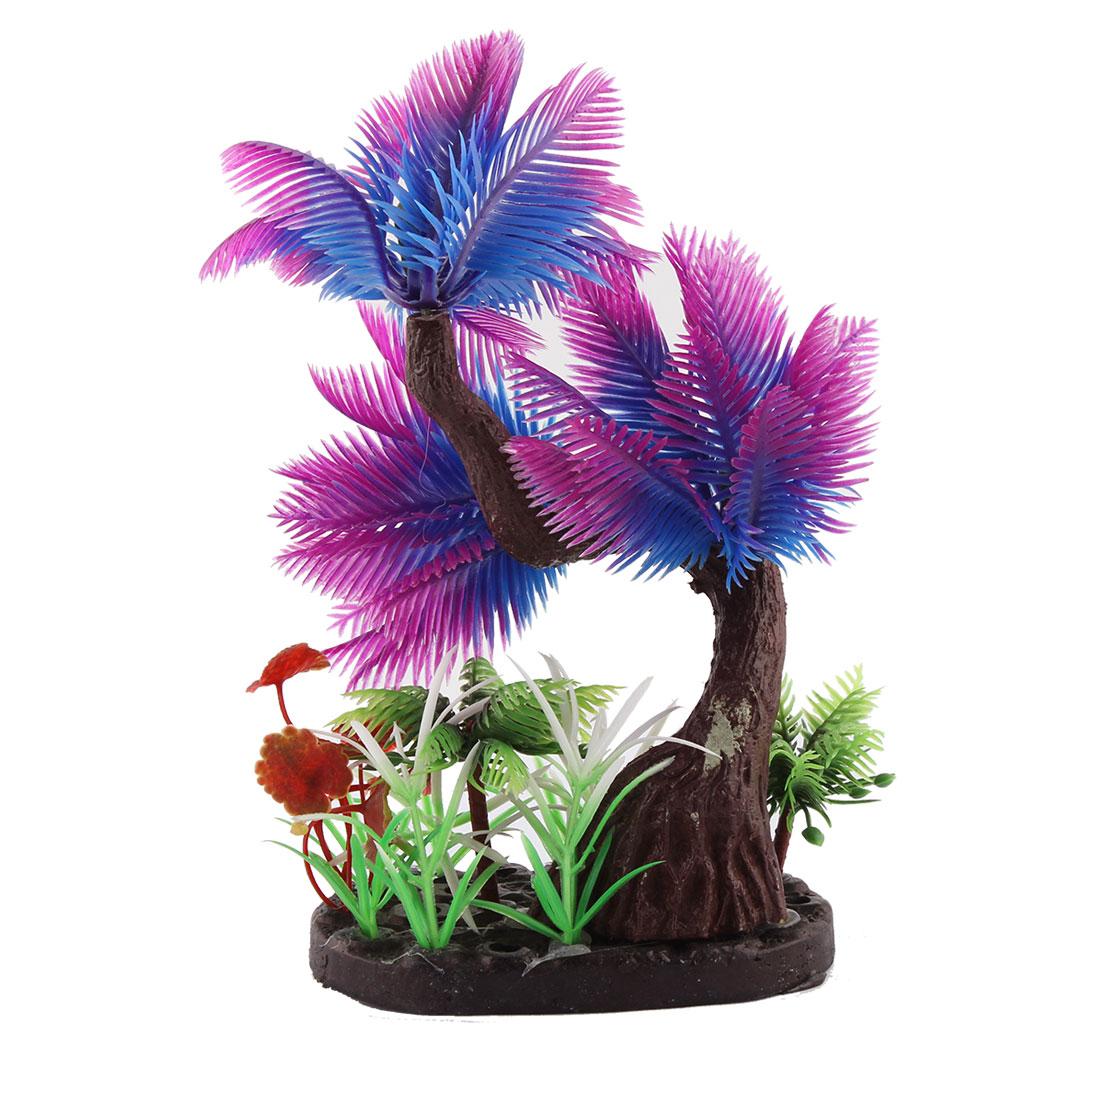 Aquarium Stone Base Plastic Artificial Underwater Coconut Tree Plant Ornament